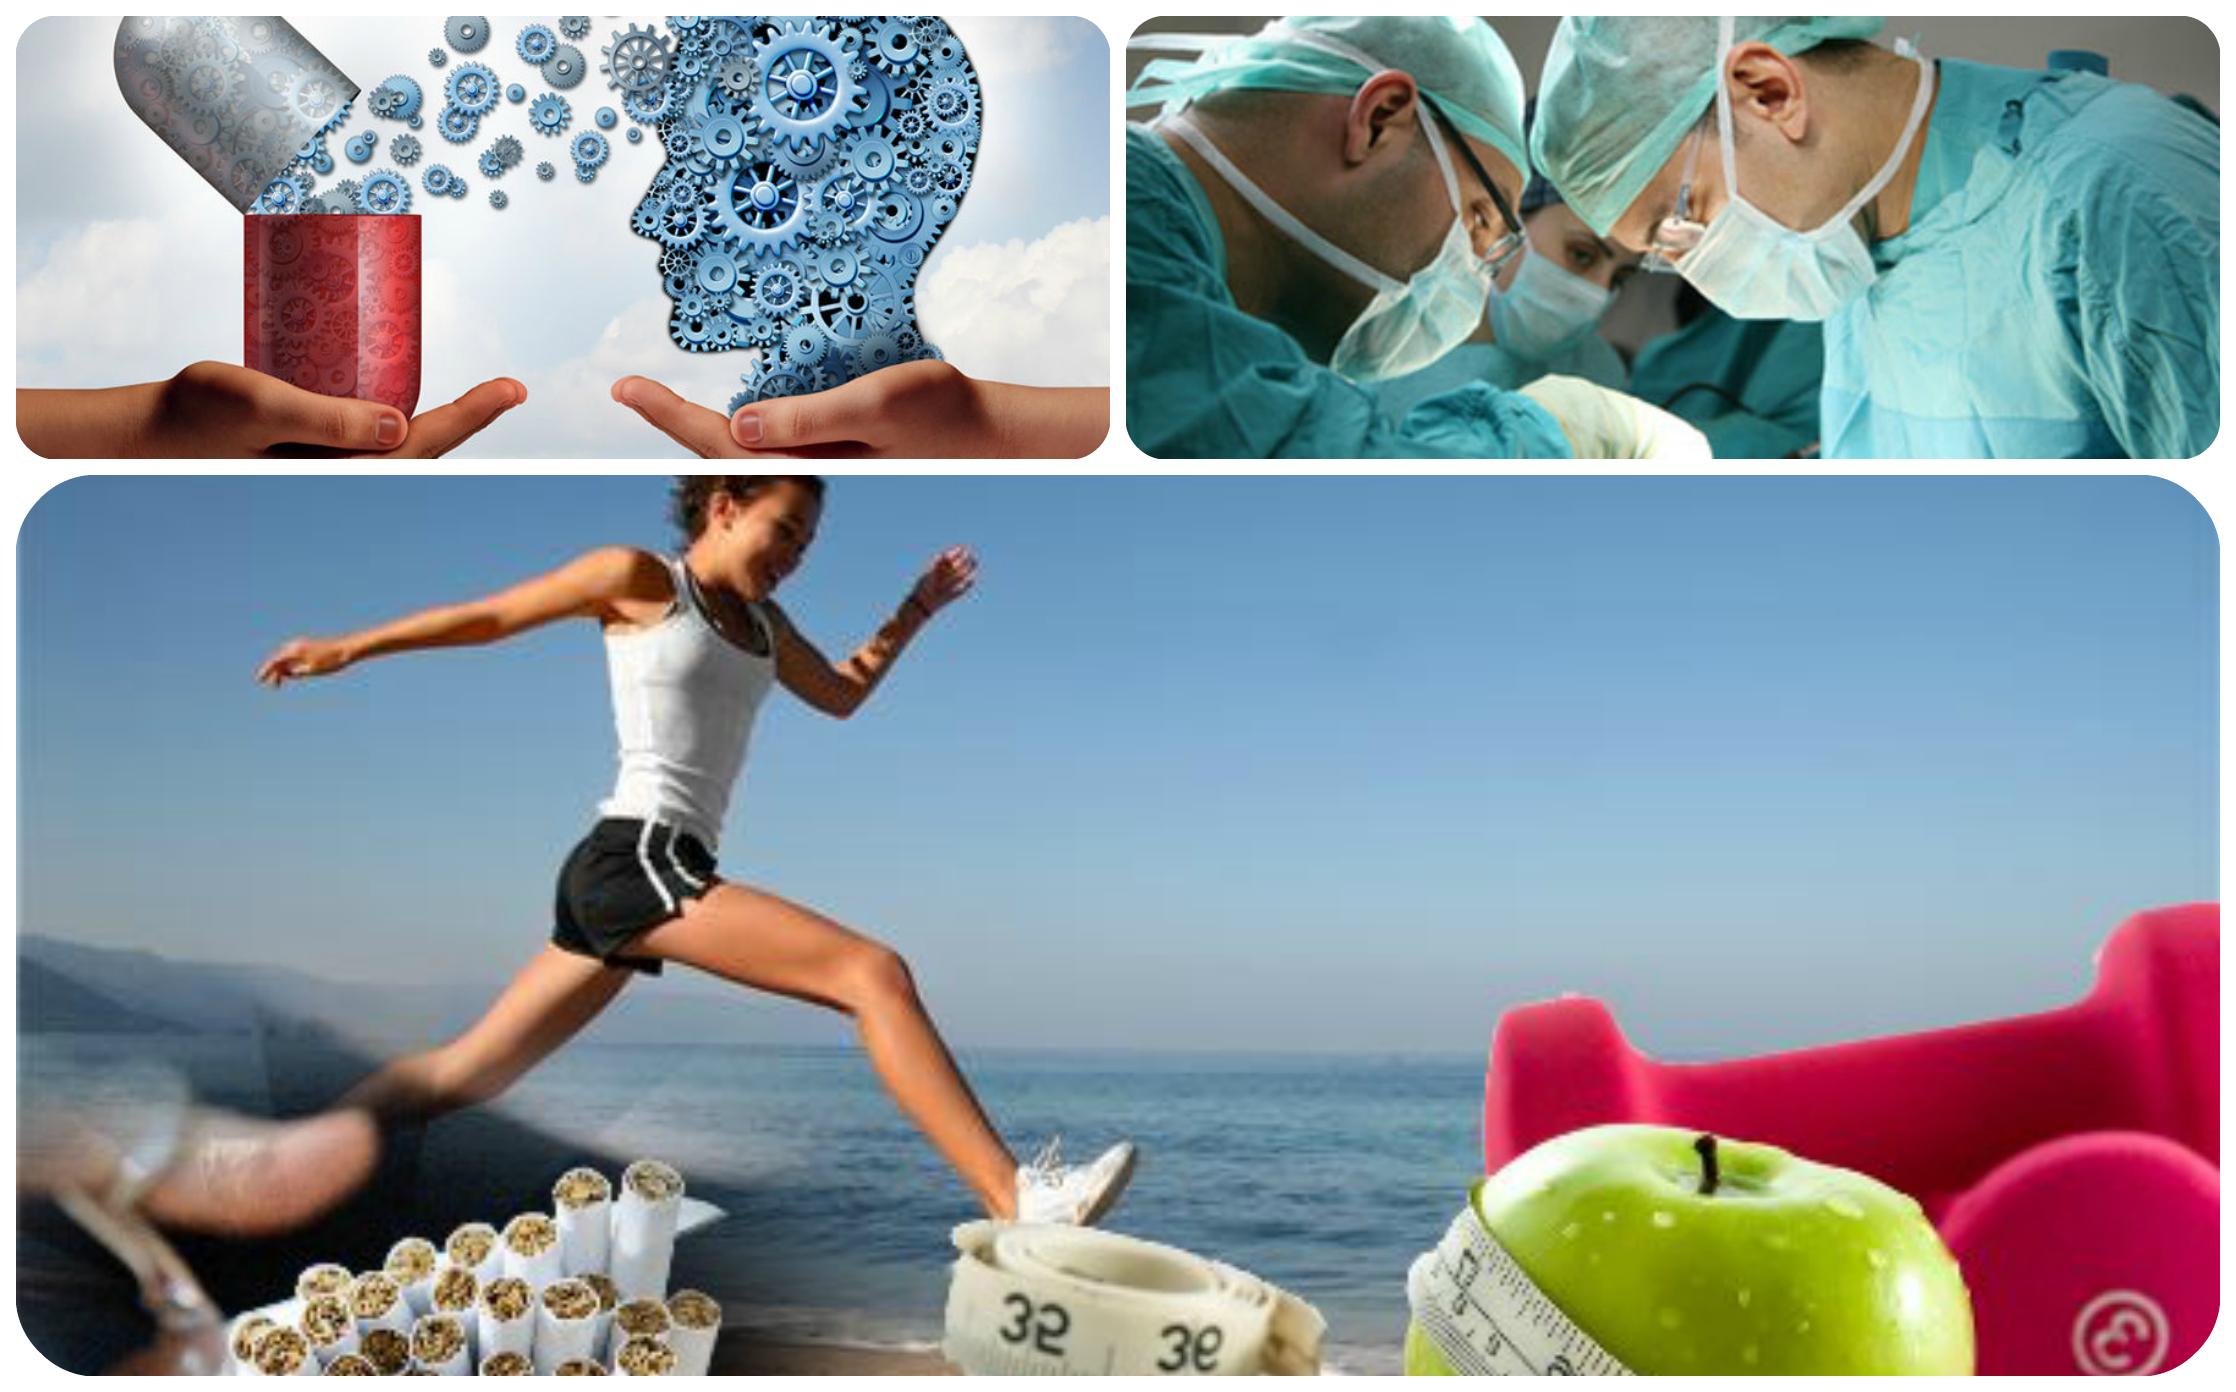 медикаменты, операция, здоровый образ жизни